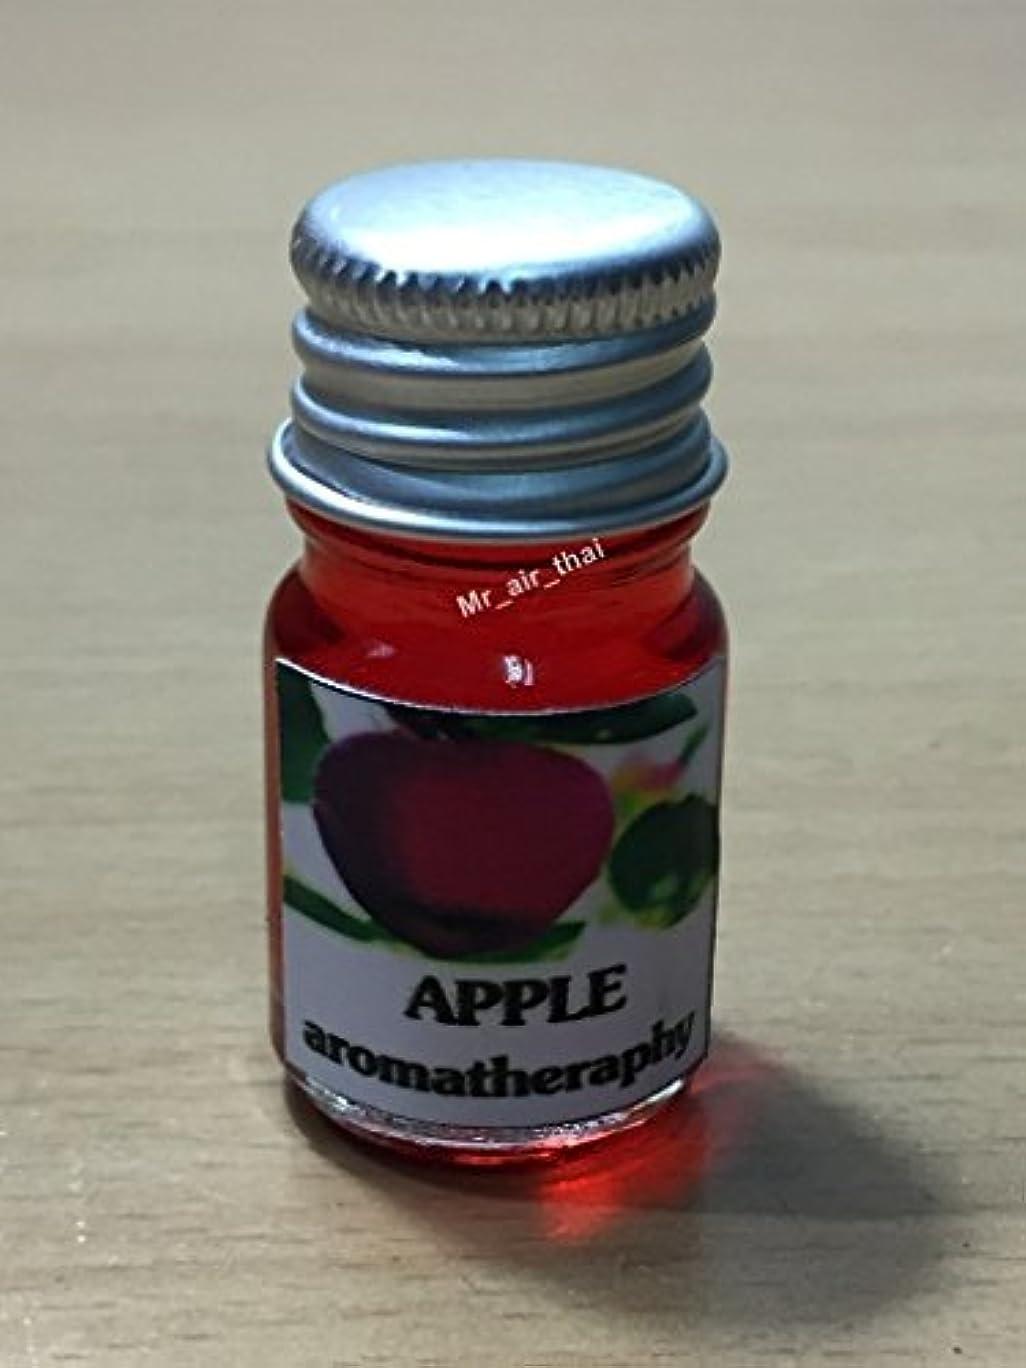 桁結婚式入植者5ミリリットルアロマアップル(赤)フランクインセンスエッセンシャルオイルボトルアロマテラピーオイル自然自然5ml Aroma Apple (red) Frankincense Essential Oil Bottles...